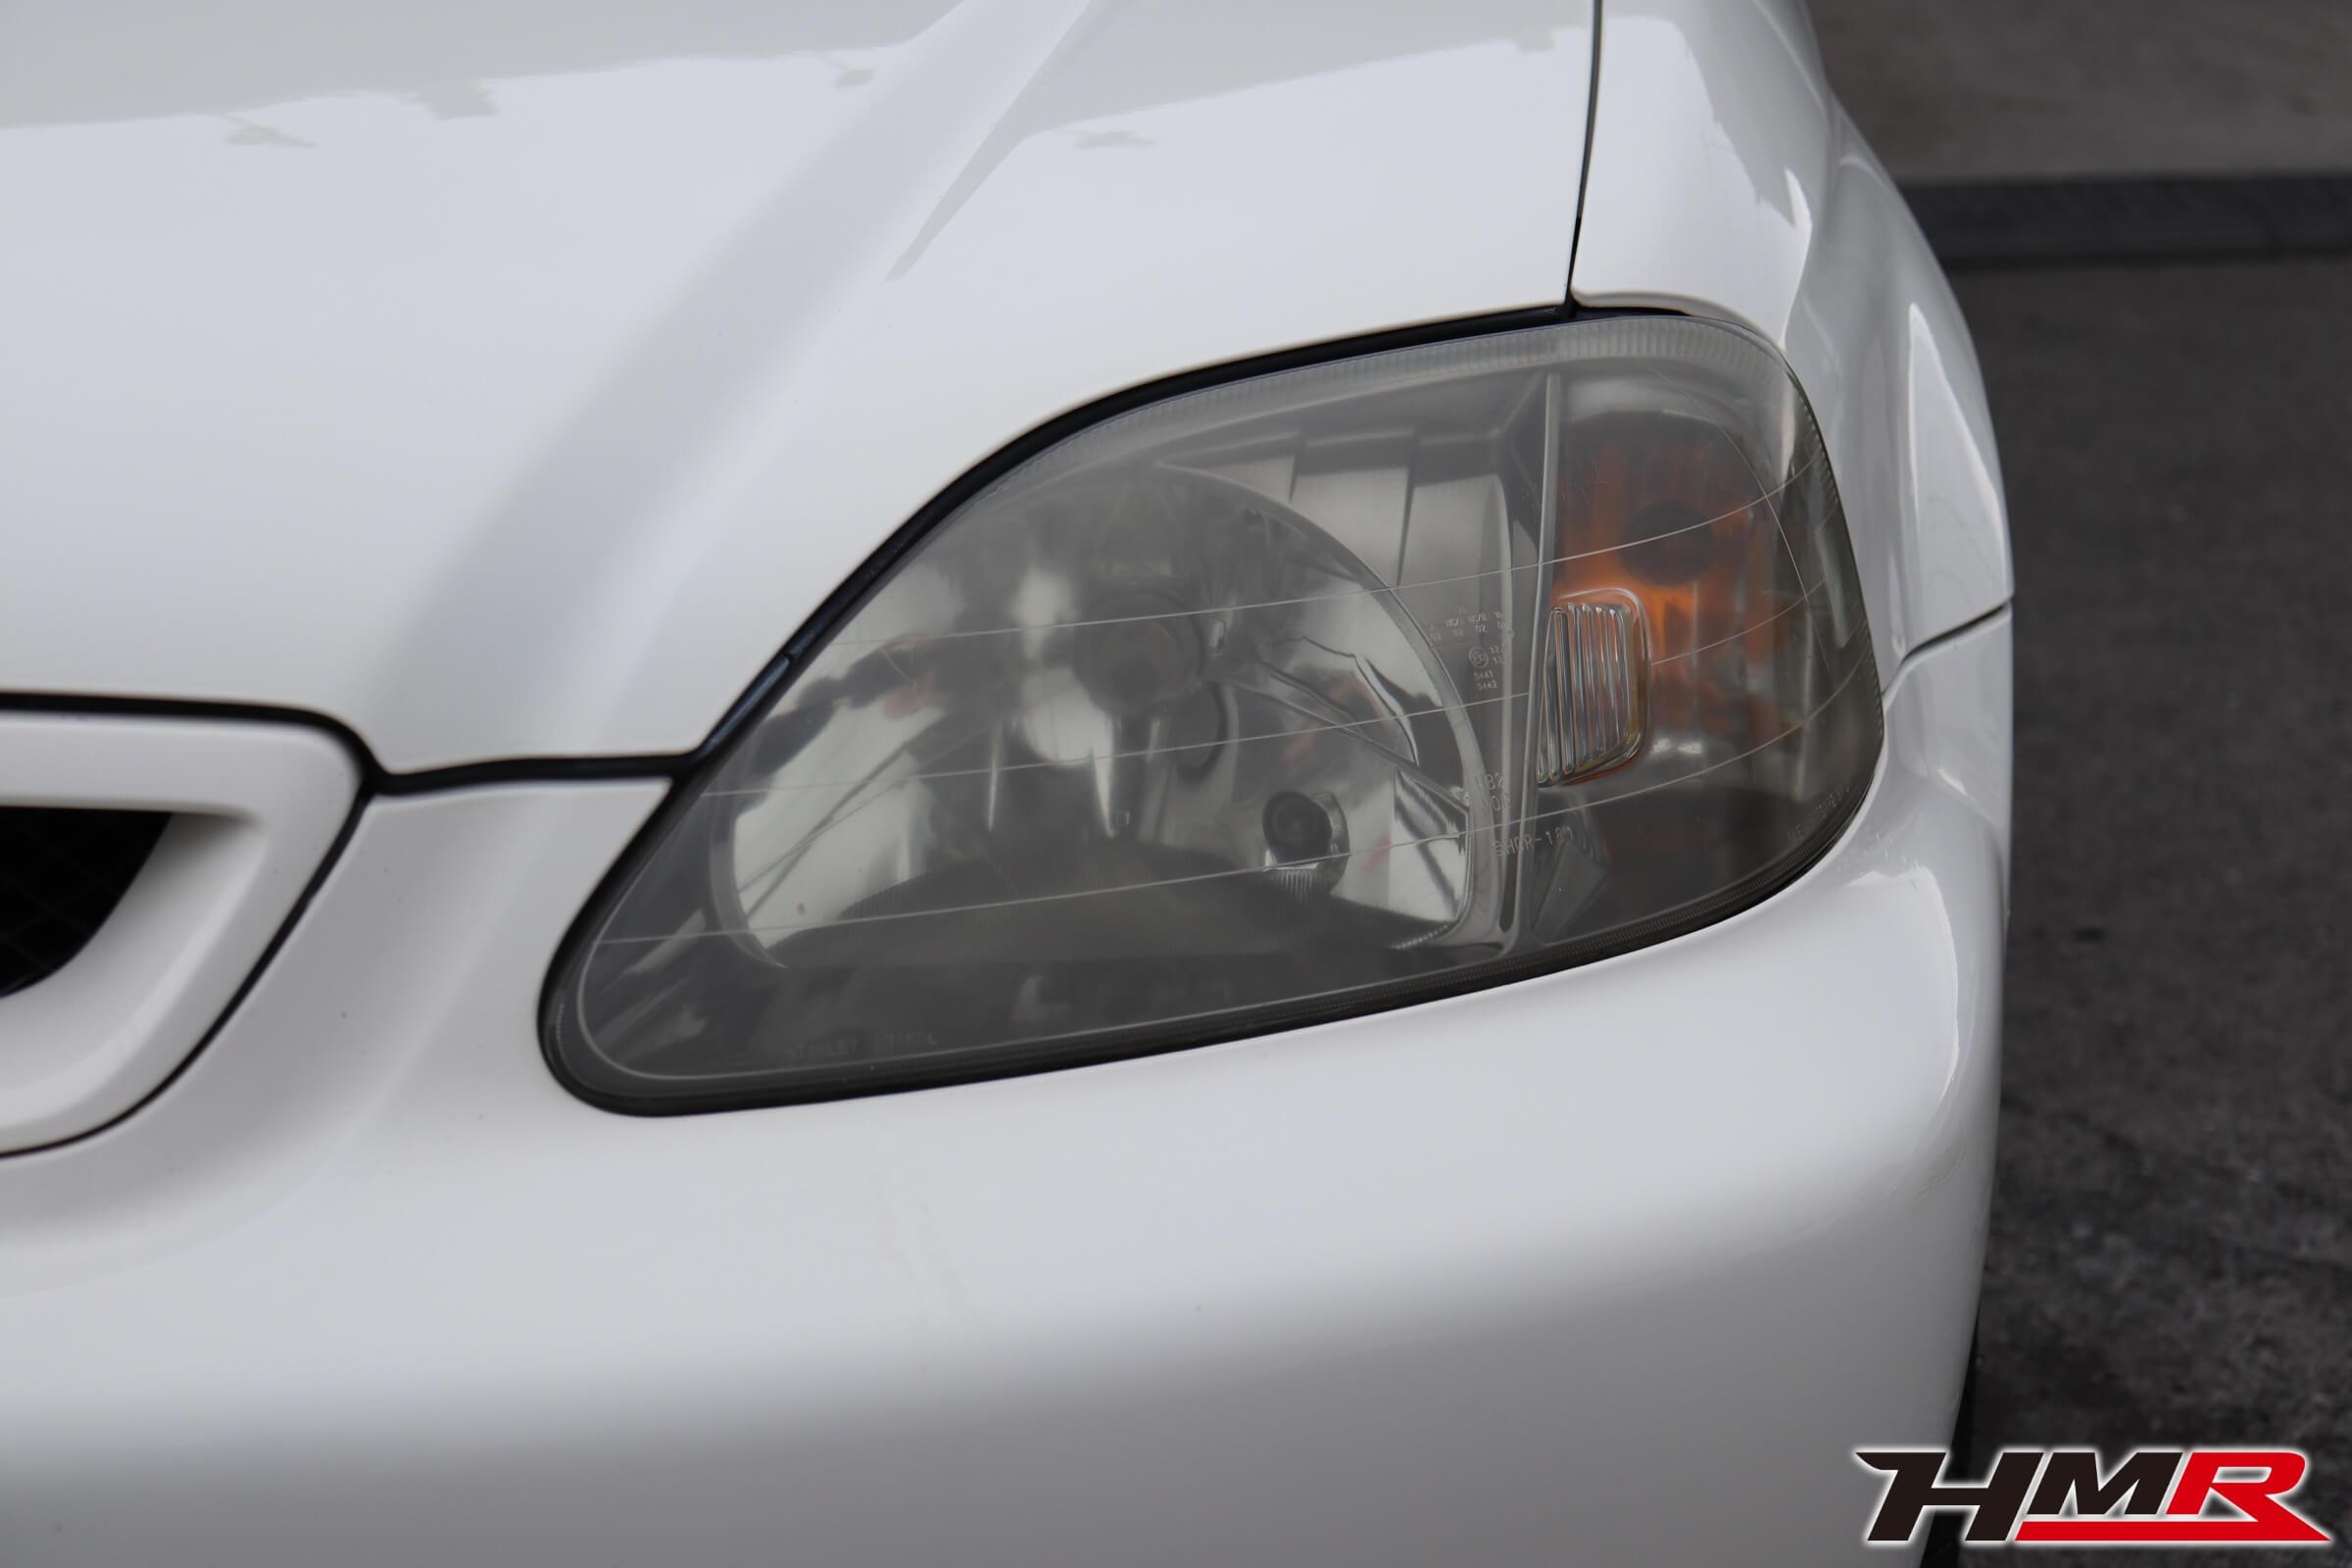 シビックタイプR・X(EK9)ヘッドライト